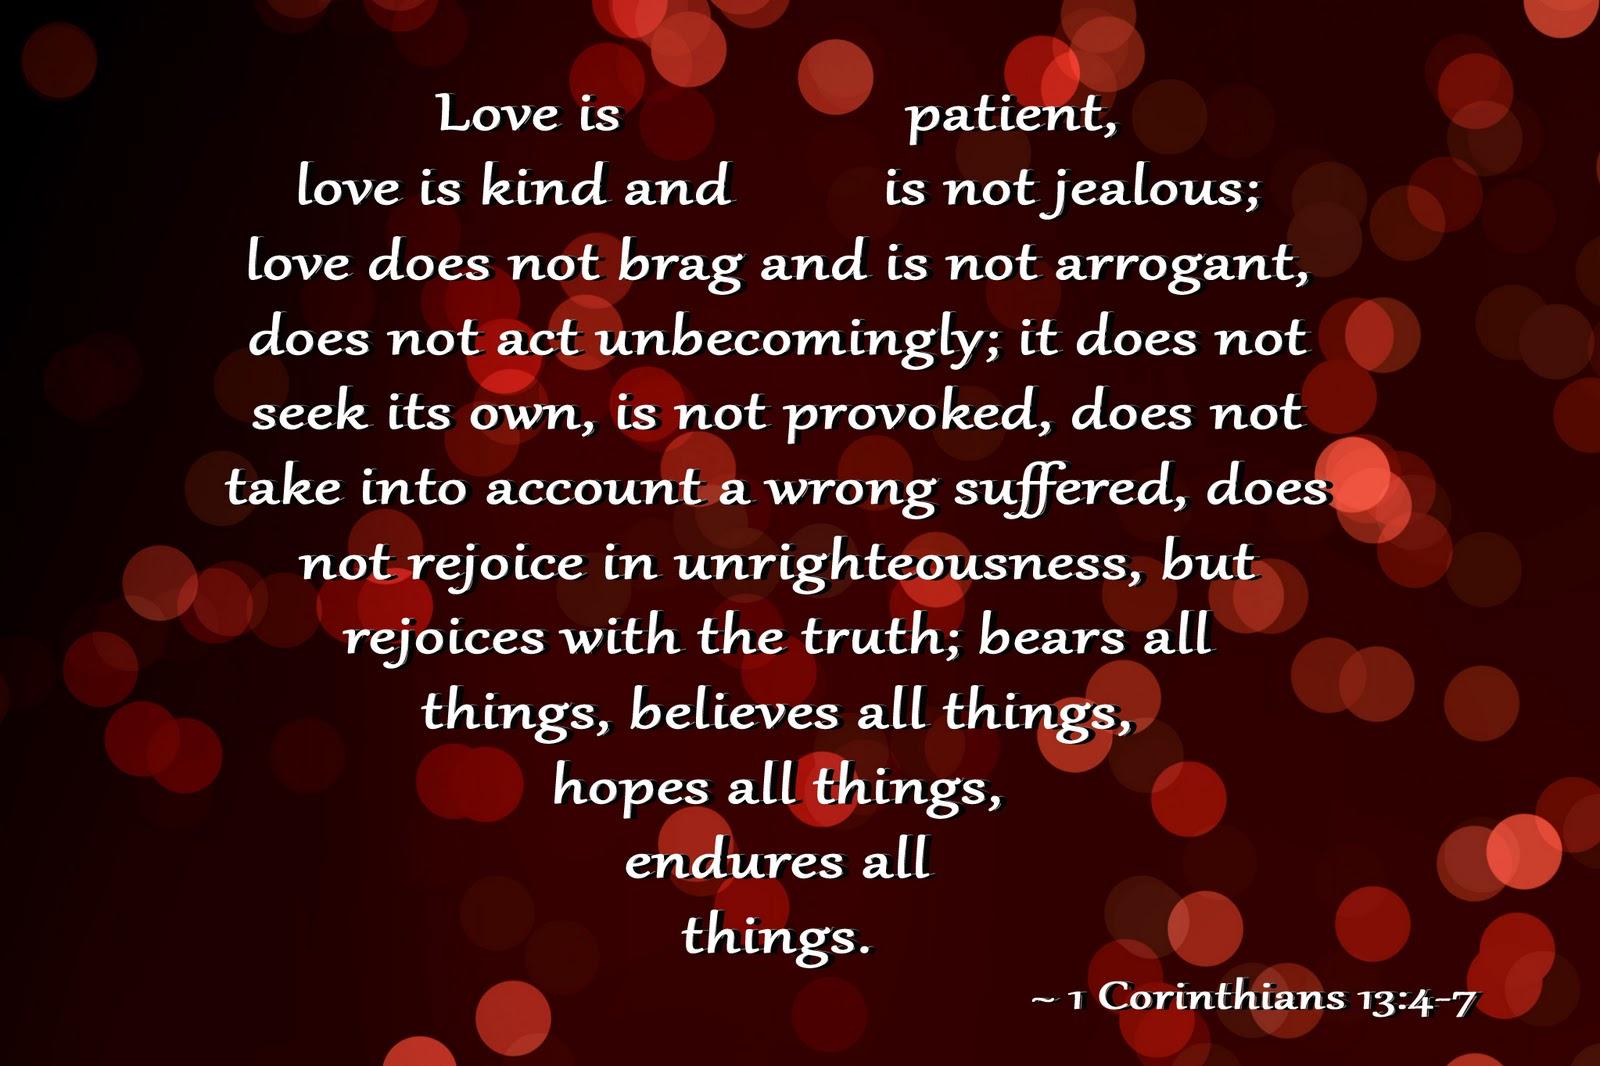 Corinthians Niv 1 13 1 Corinthians 13 4-7